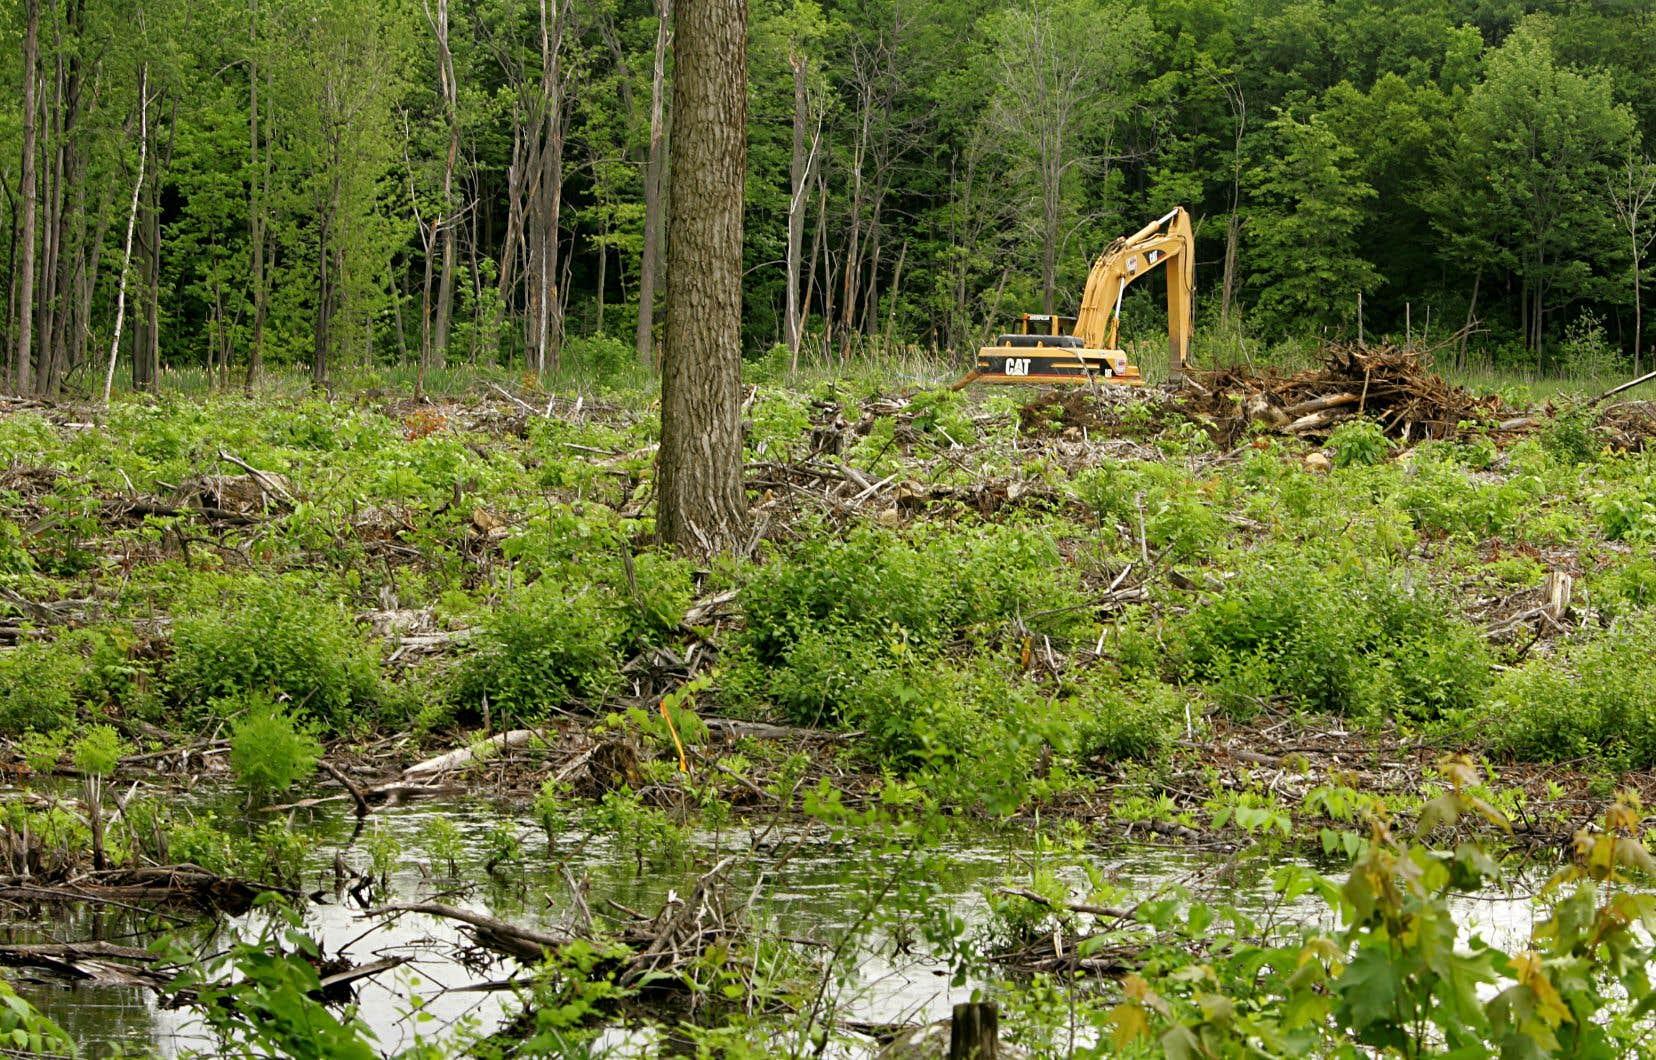 «Devant ce qui nous attend, nous avons besoin d'un ministère de l'Environnement fort, avec d'importants moyens, influent et capable de passer à l'action», estime l'auteur.